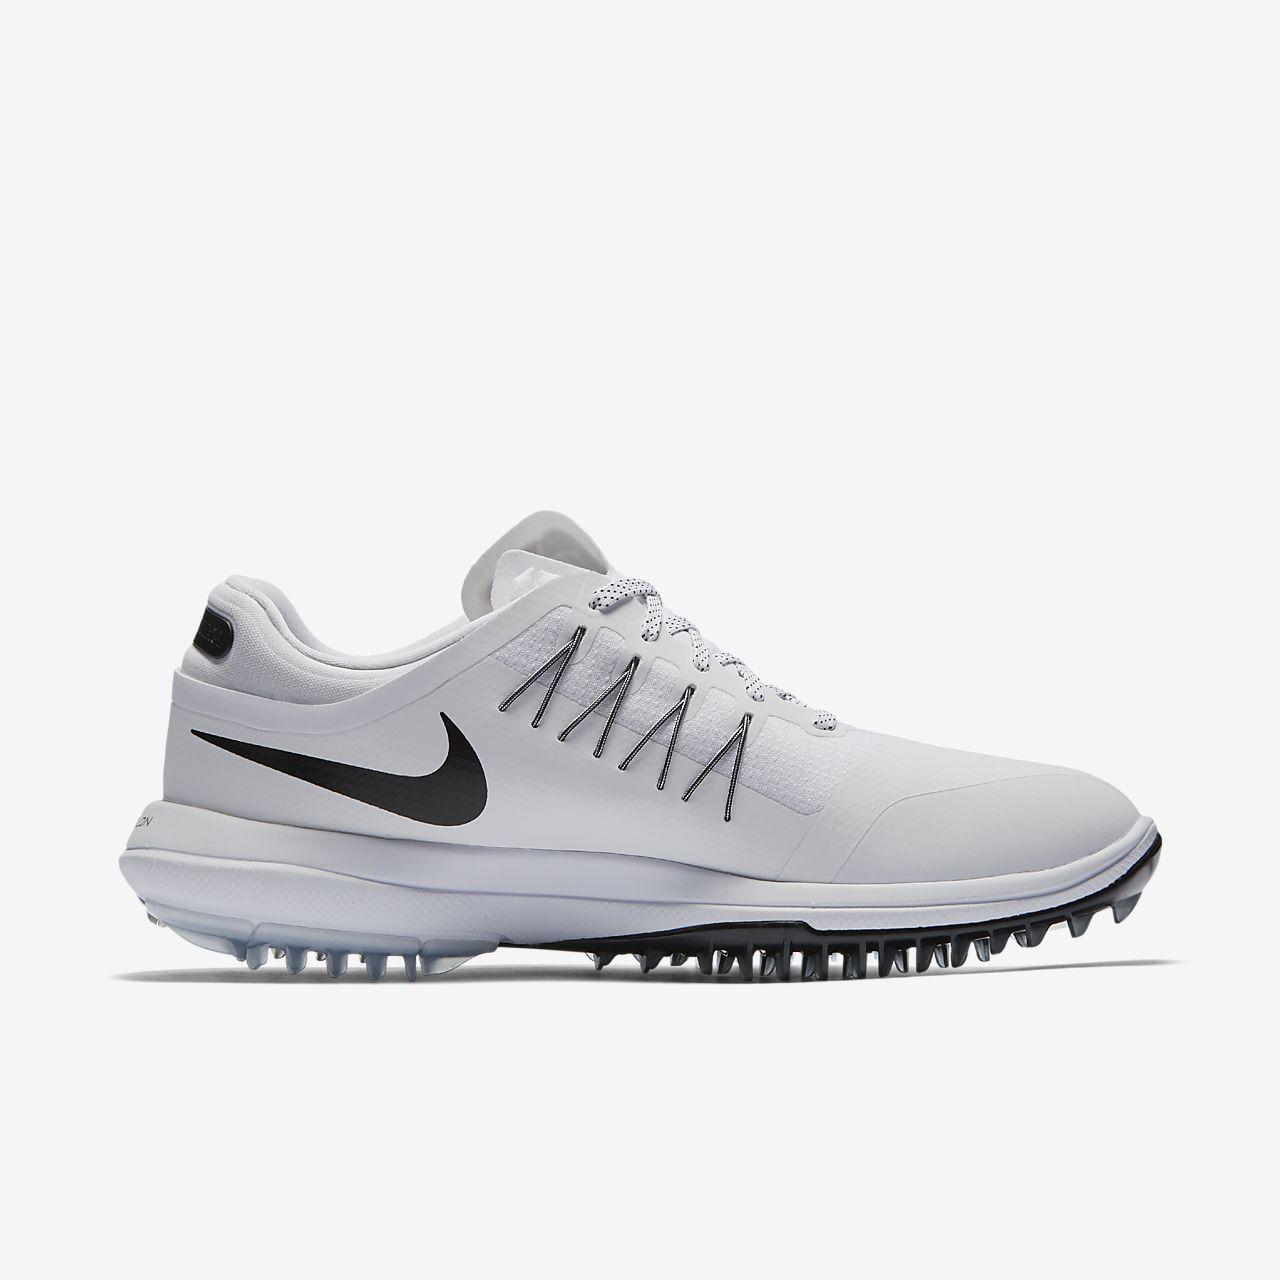 quality design 2b623 1eb28 ... Nike Lunar Control Vapor (Wide) Women s Golf Shoe